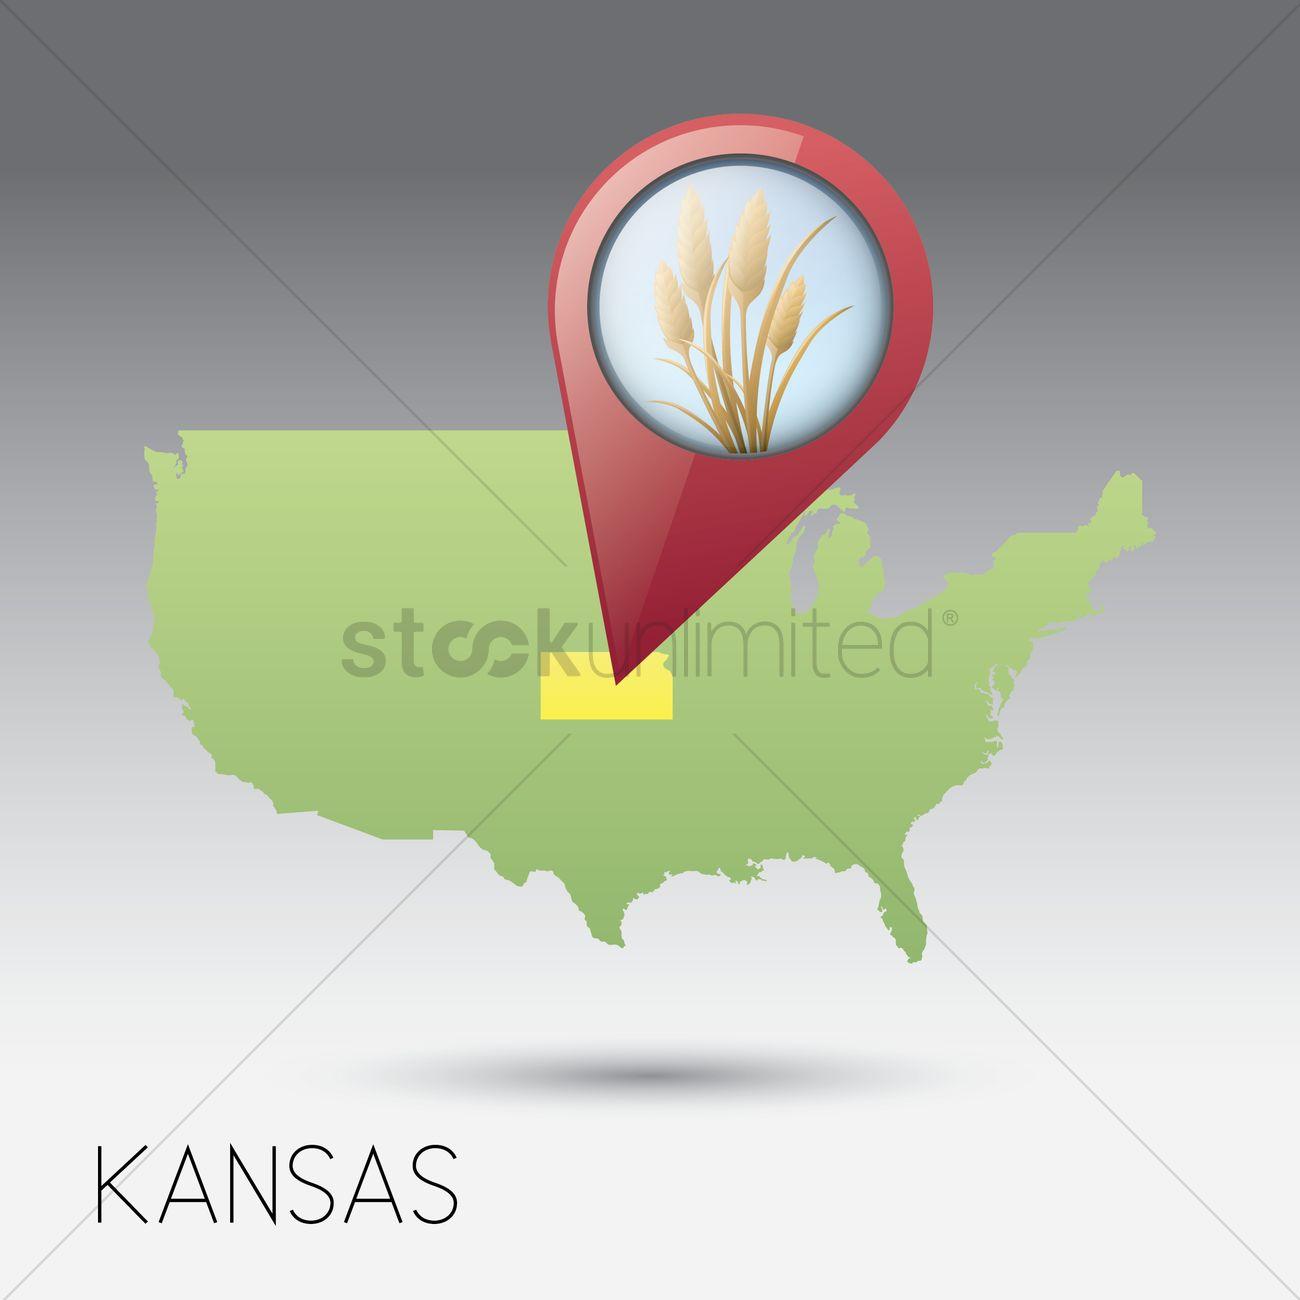 Usa map with kansas state Vector Image - 1536206 | StockUnlimited Kansas In Usa Map on usa map in miami, statue of liberty in kansas, usa map kansas city, zip code map in kansas, animals in kansas, dinosaurs in kansas, weather in kansas,